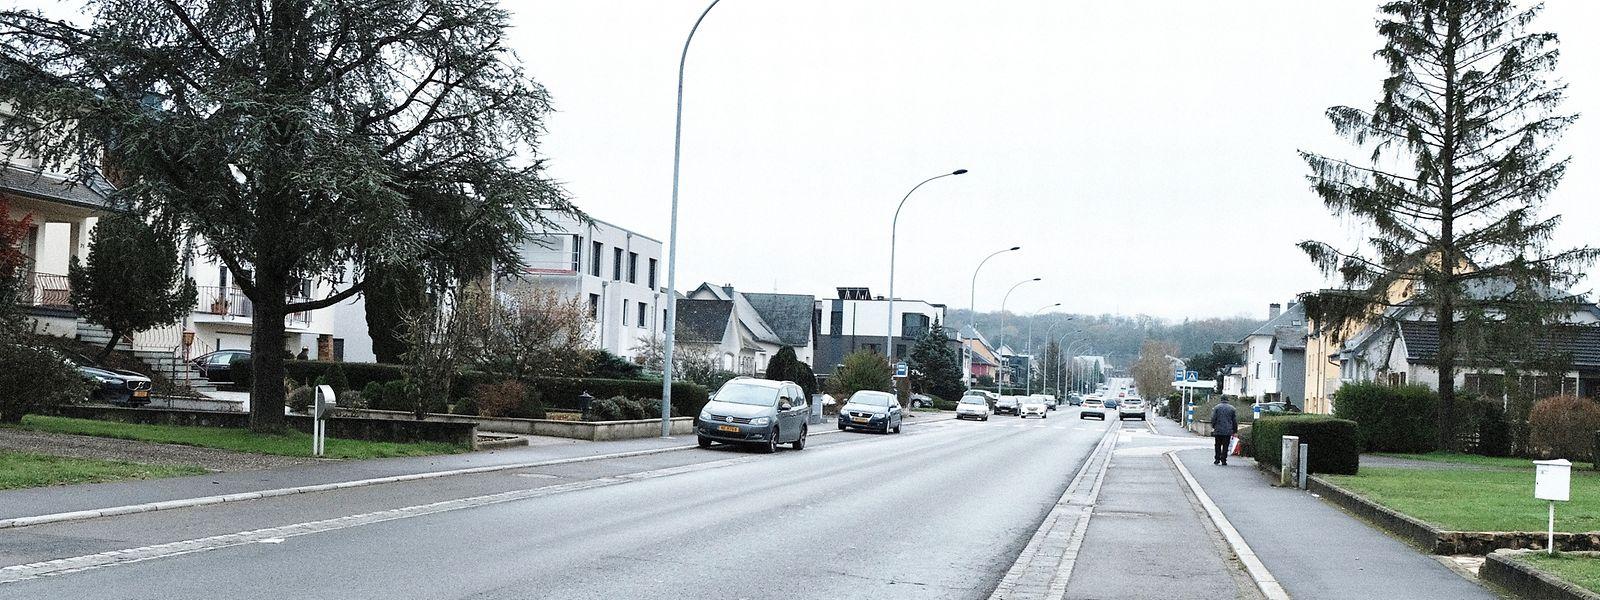 Die Neugestaltung des Boulevard J.F. Kennedy in Niederkerschen gehört zu den drei Großprojekten des Haushaltsentwurfs 2021.